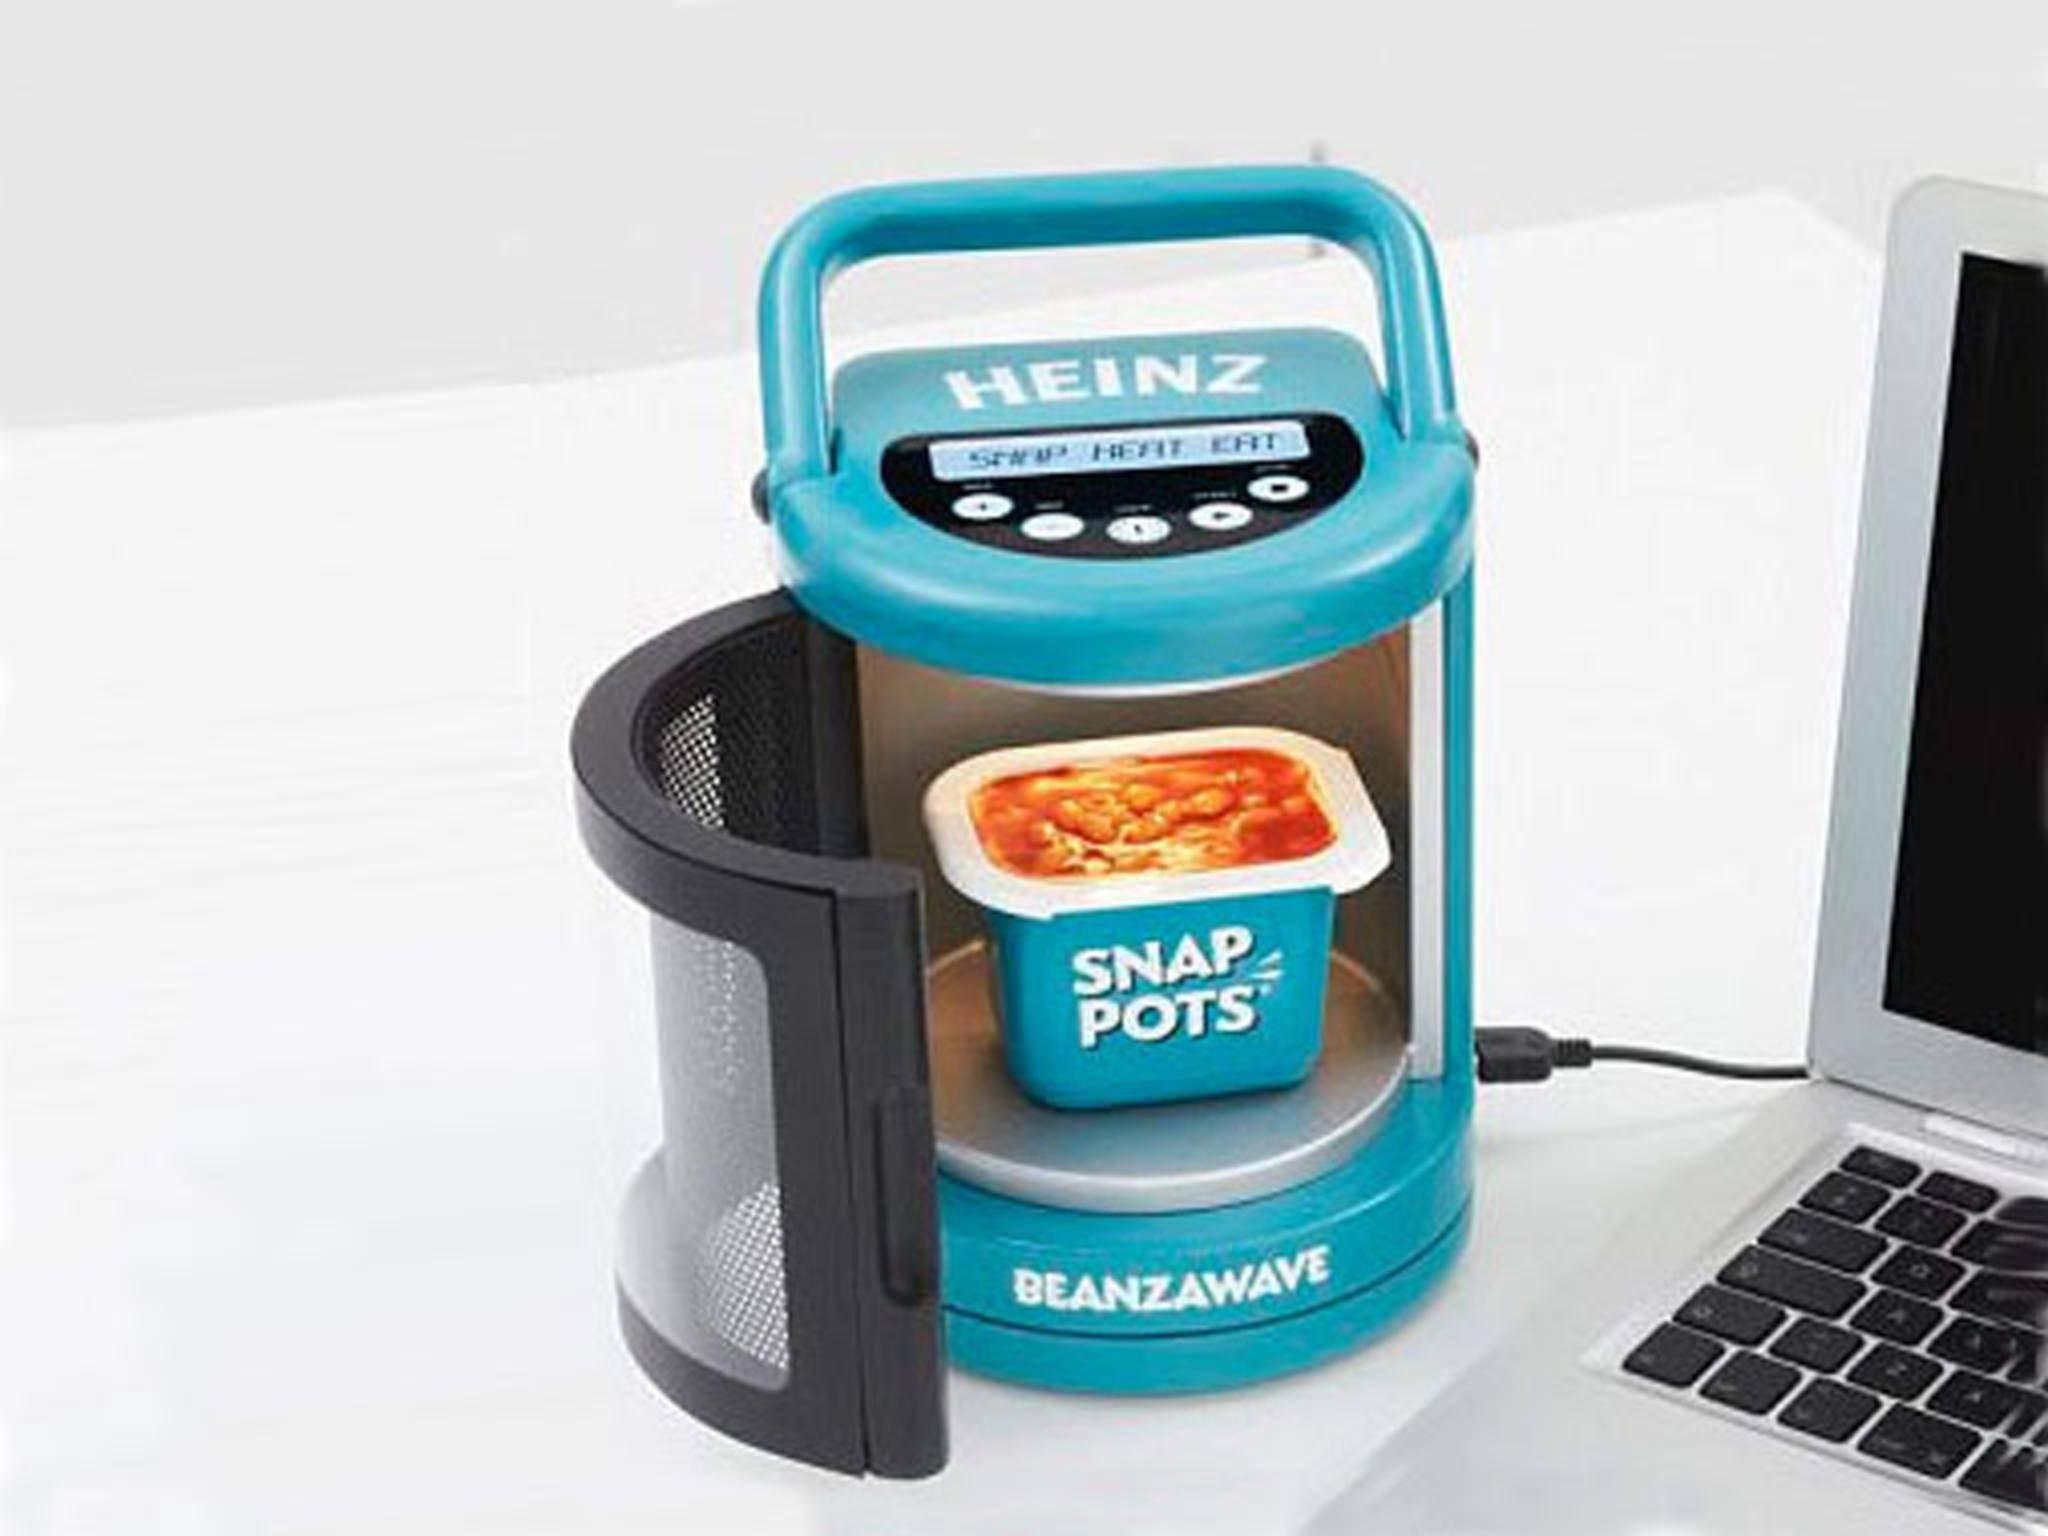 Heißer Ofen am USB-Draht: Mit diesem Gadget kann man Essen warm machen.